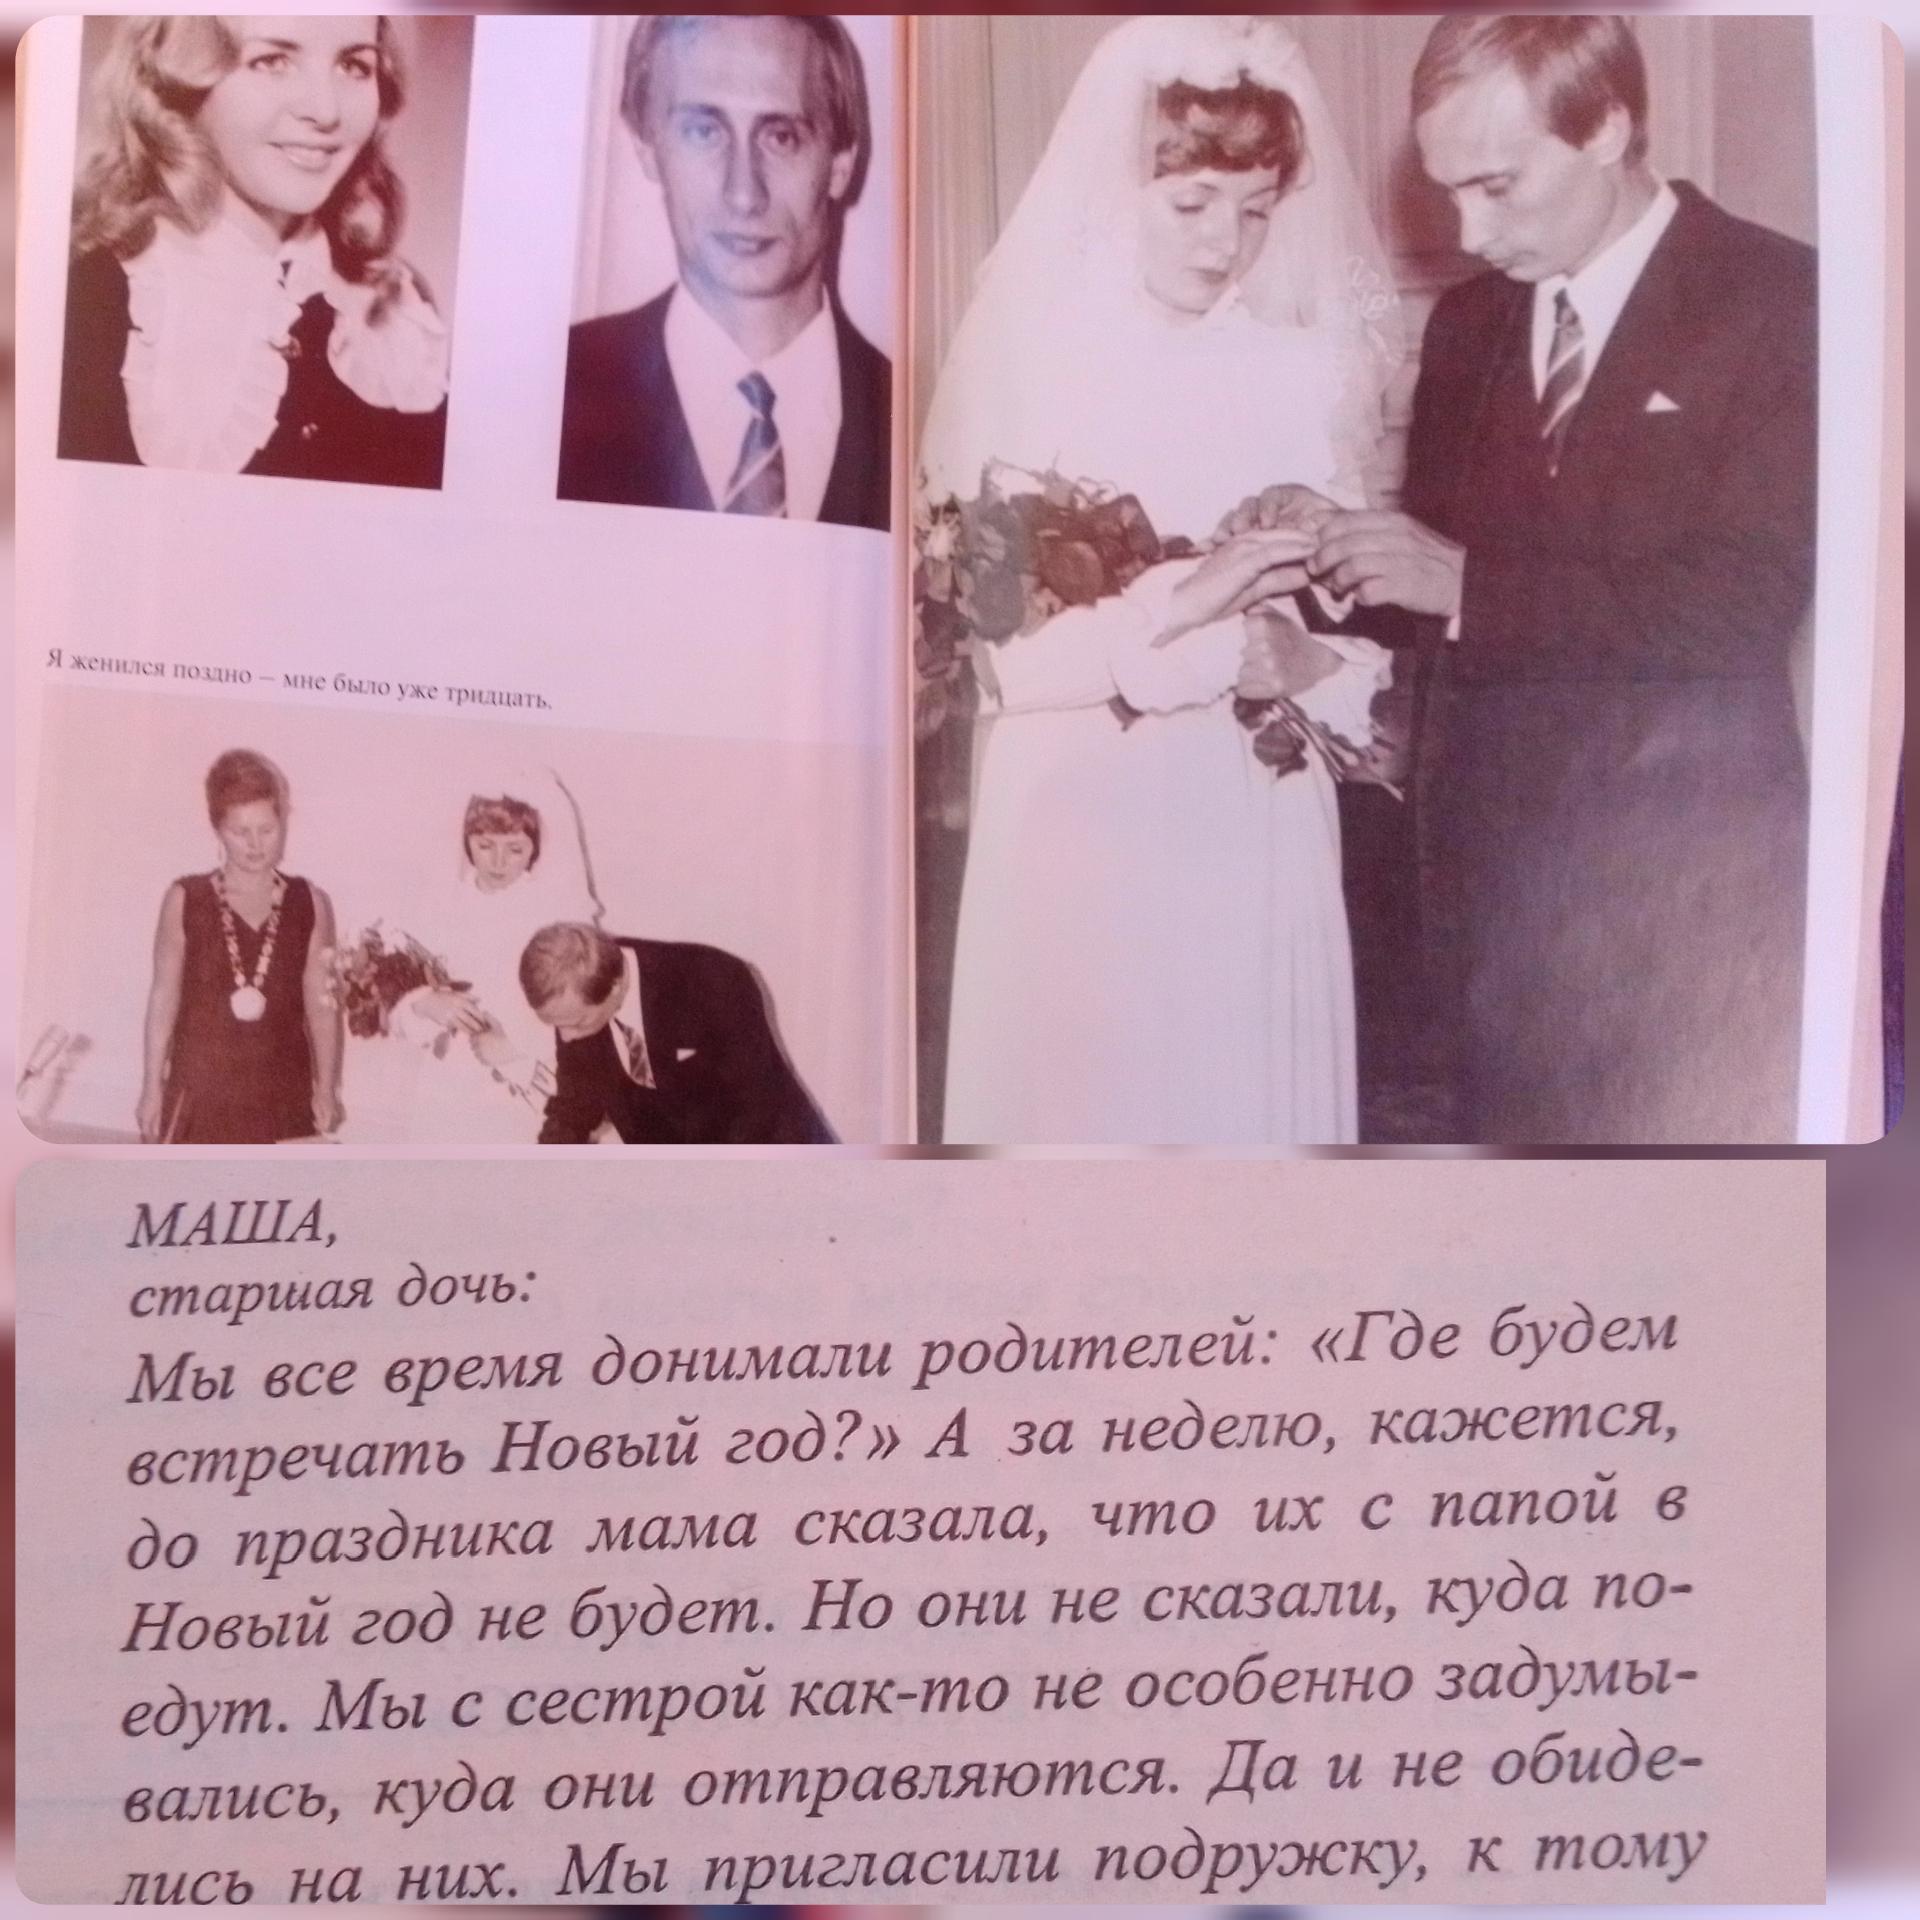 В книге много фотографий и рассказов Людмилы Путиной и дочерей президента